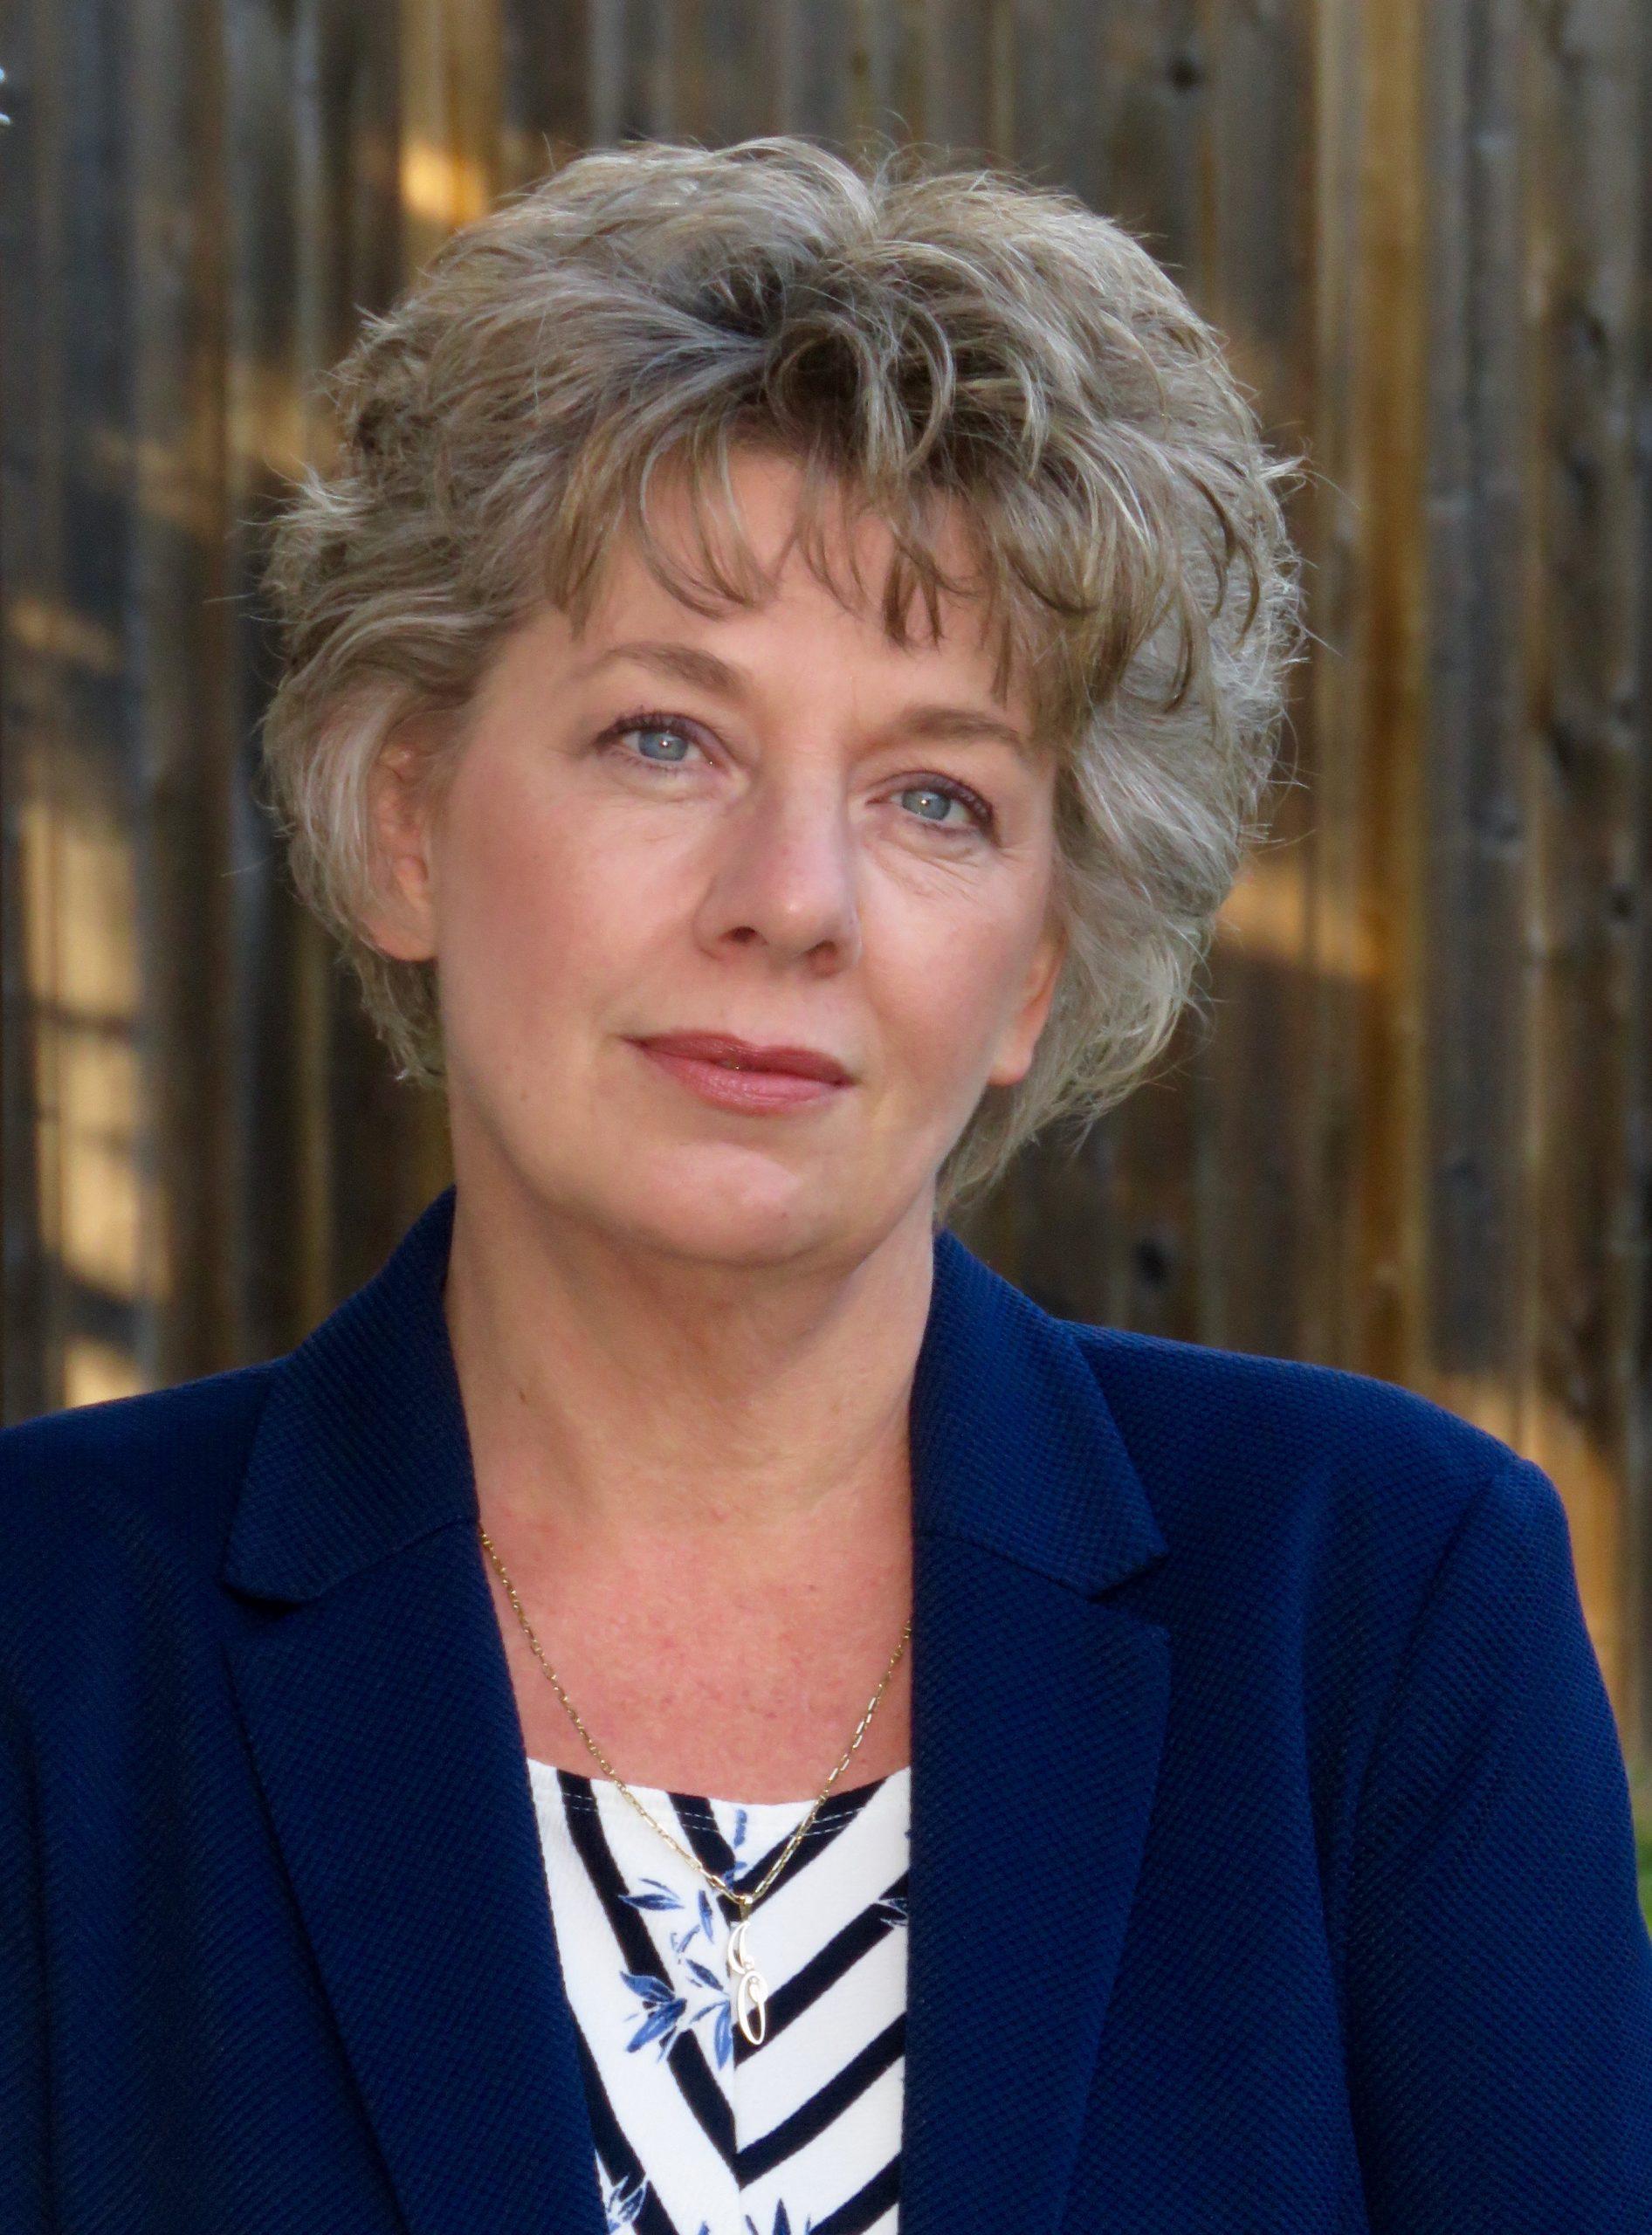 Joanne Paulson